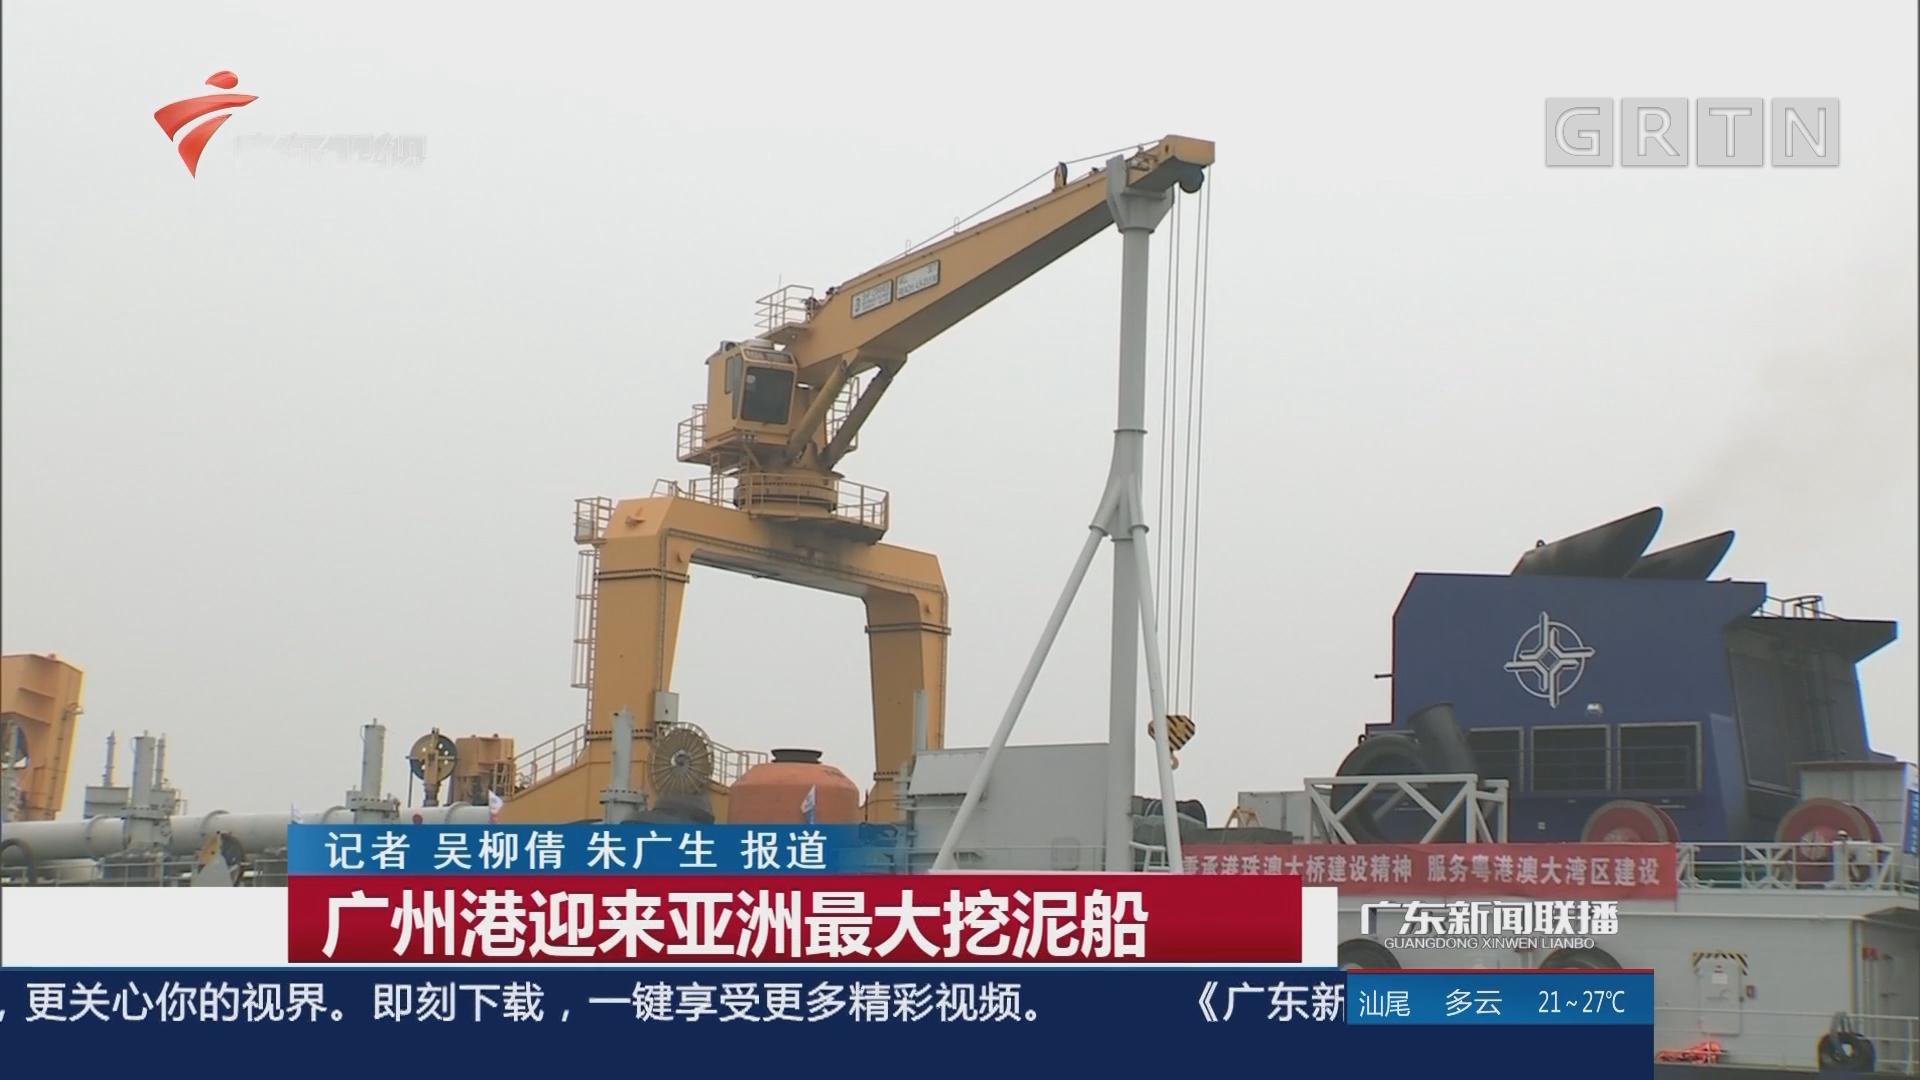 广州港迎来亚洲最大挖泥船